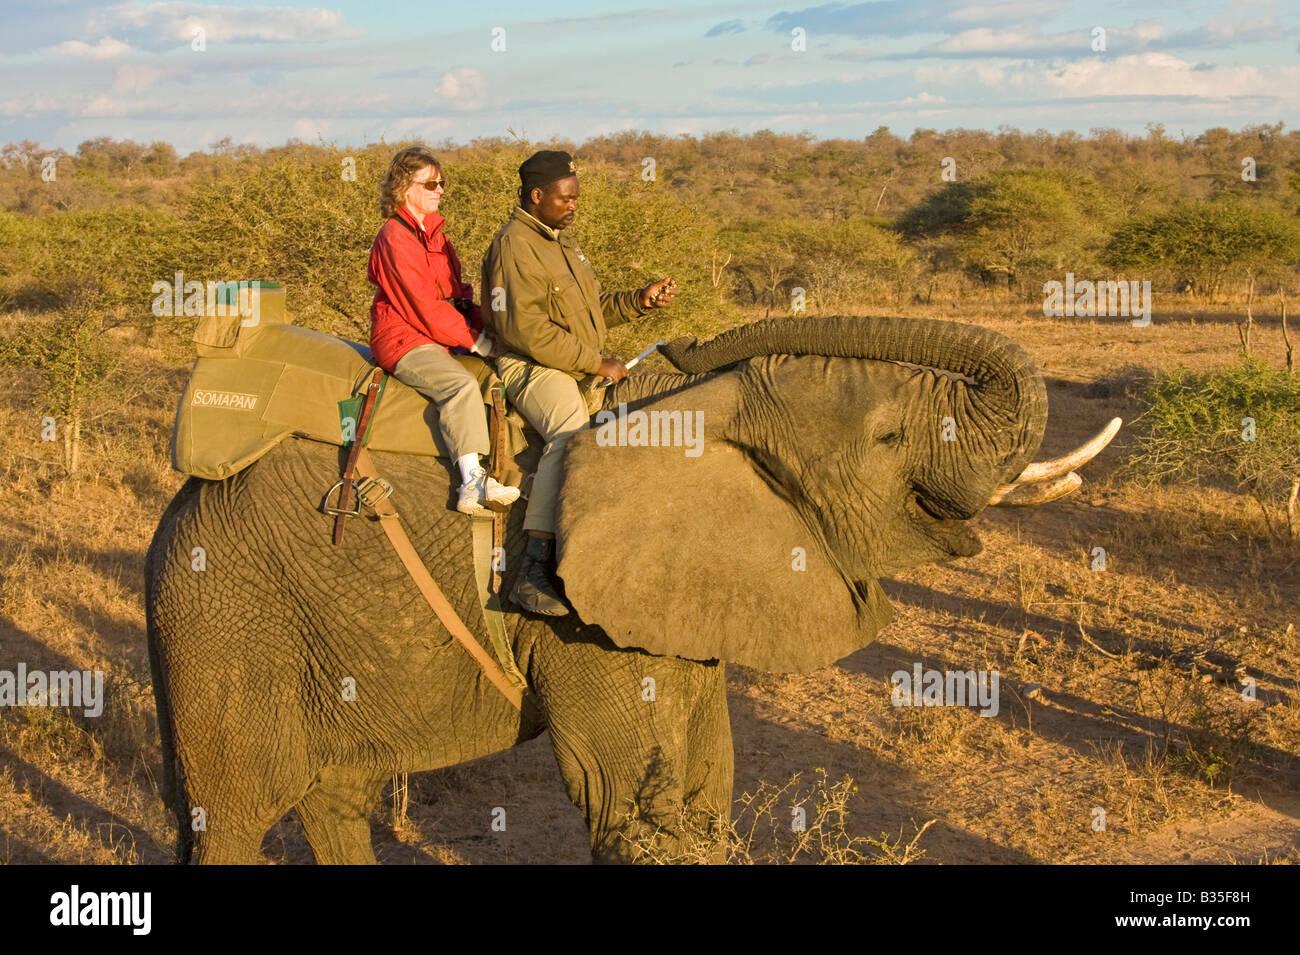 Safari Elephant ride au Camp Jabulani safari haut de game park près de Hoedspruit, Afrique du Sud Photo Stock